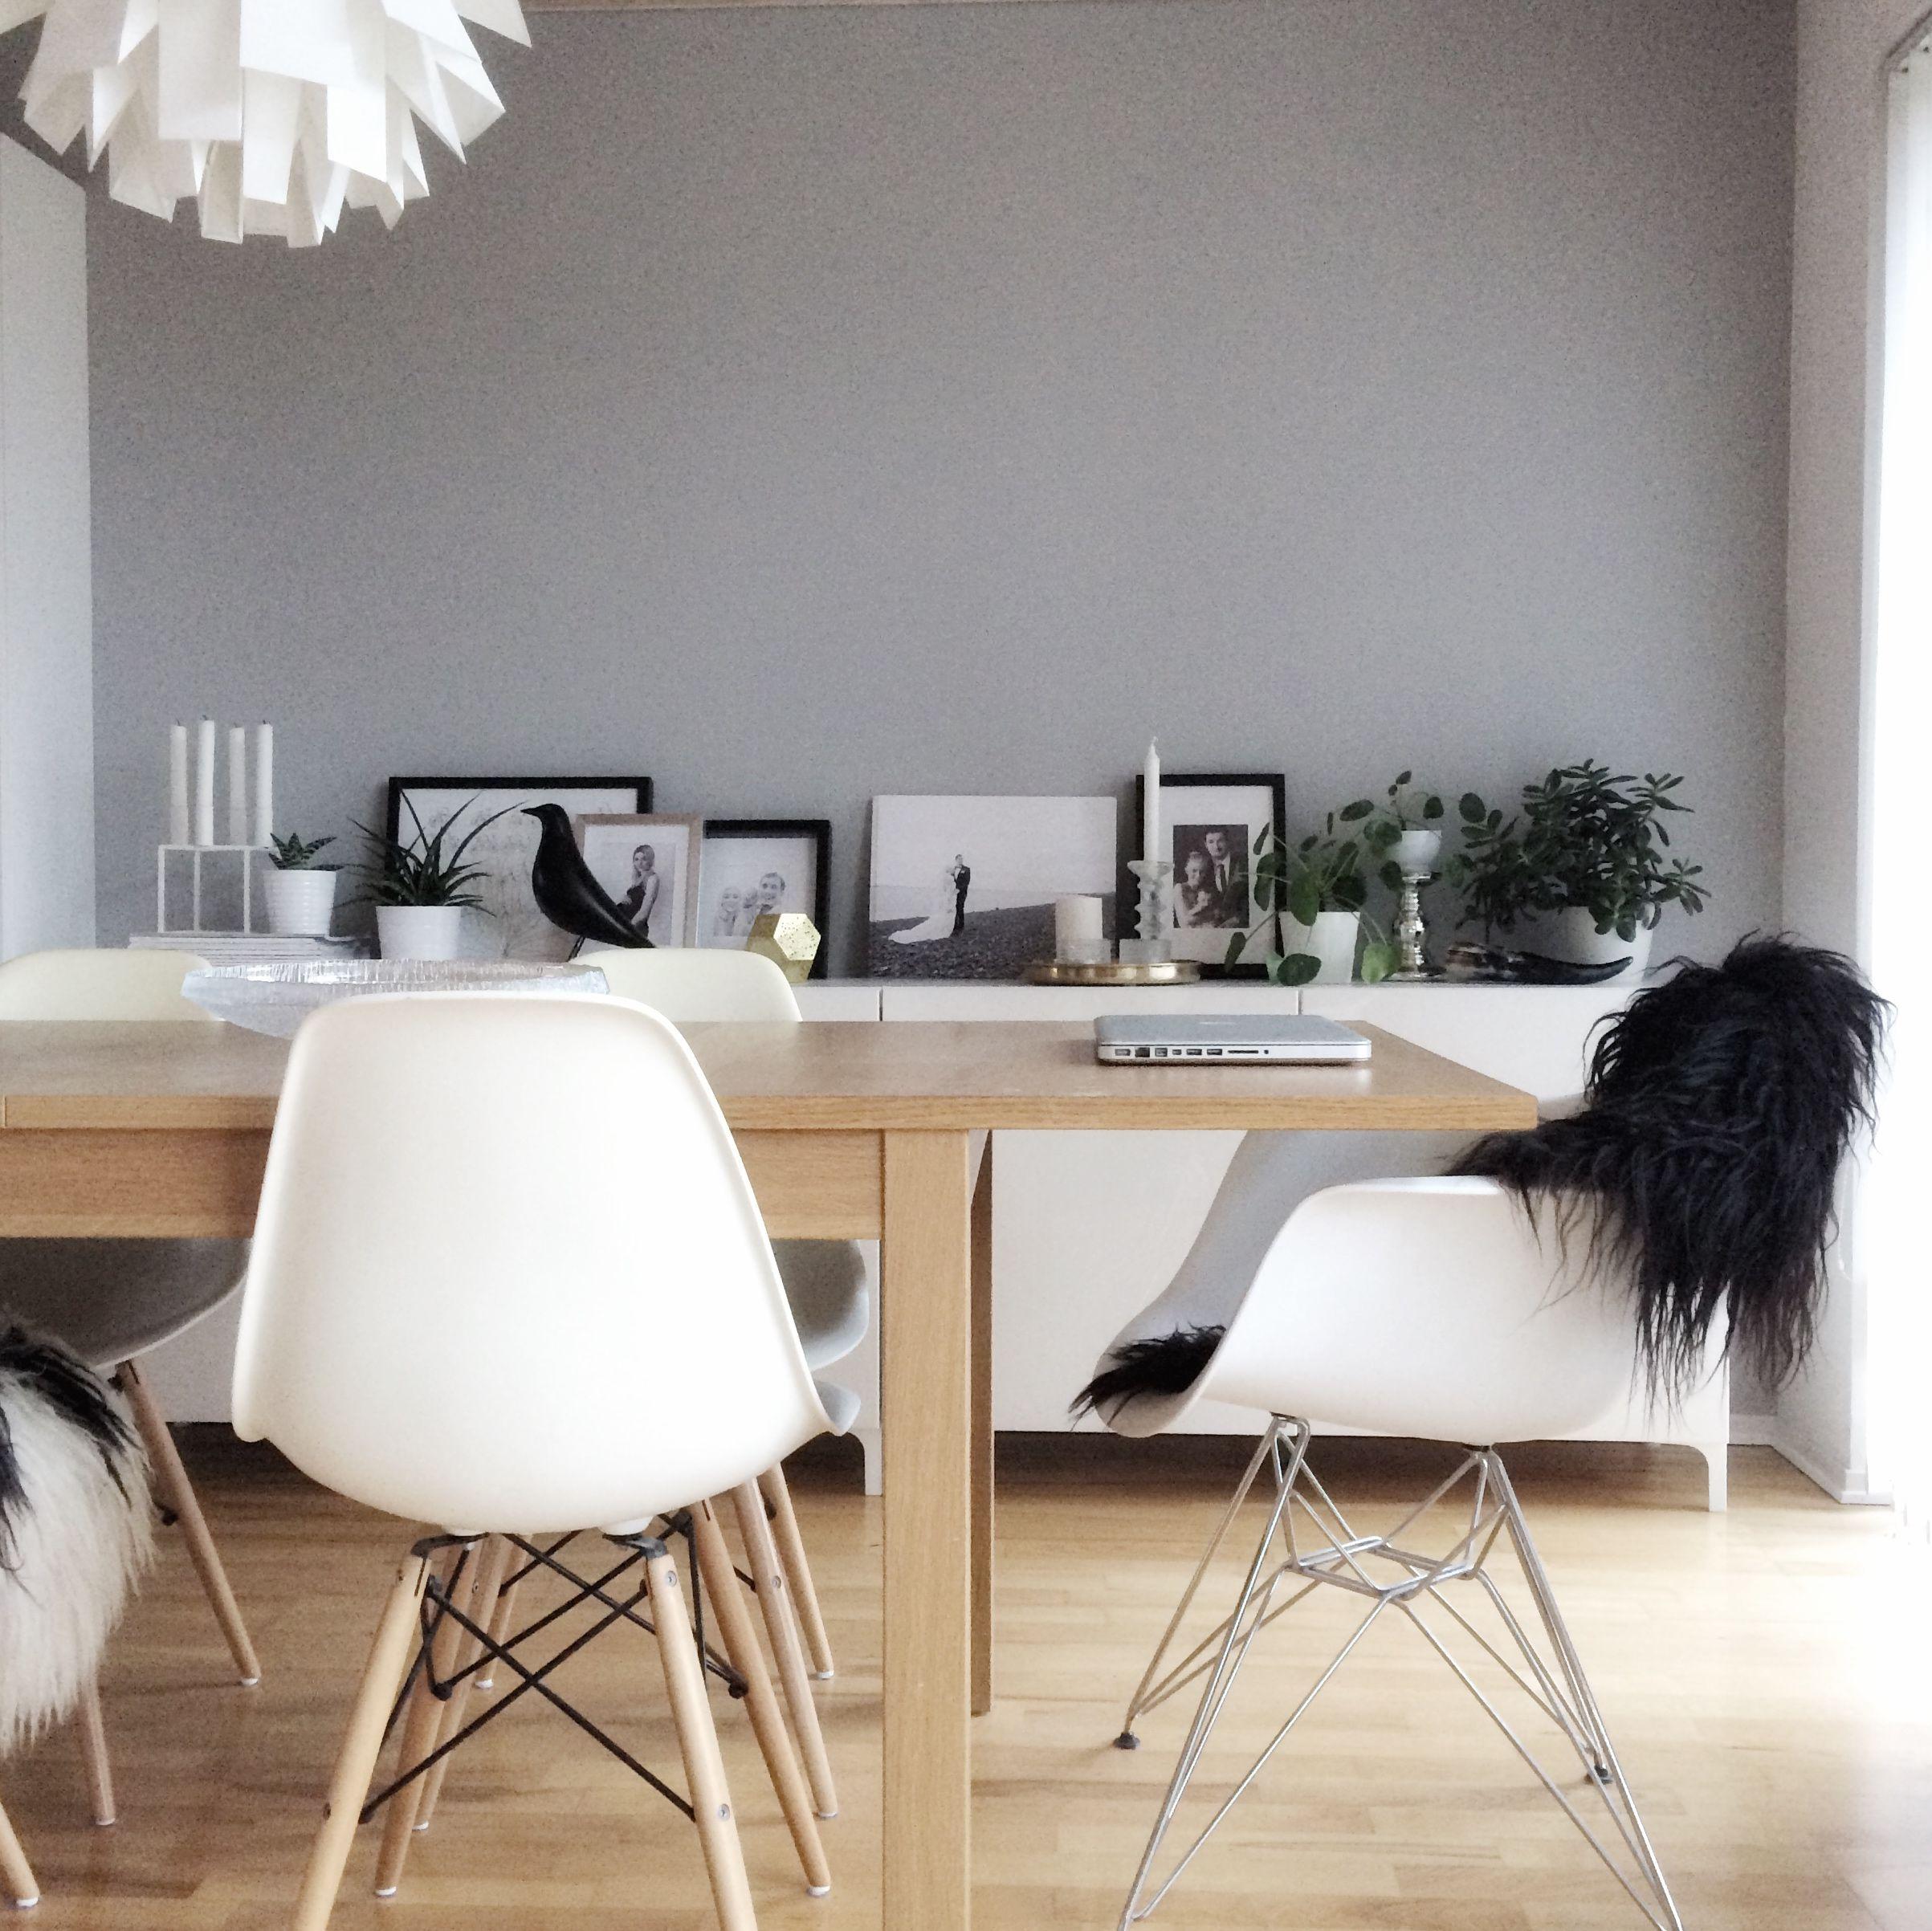 Ikea BESTÅ